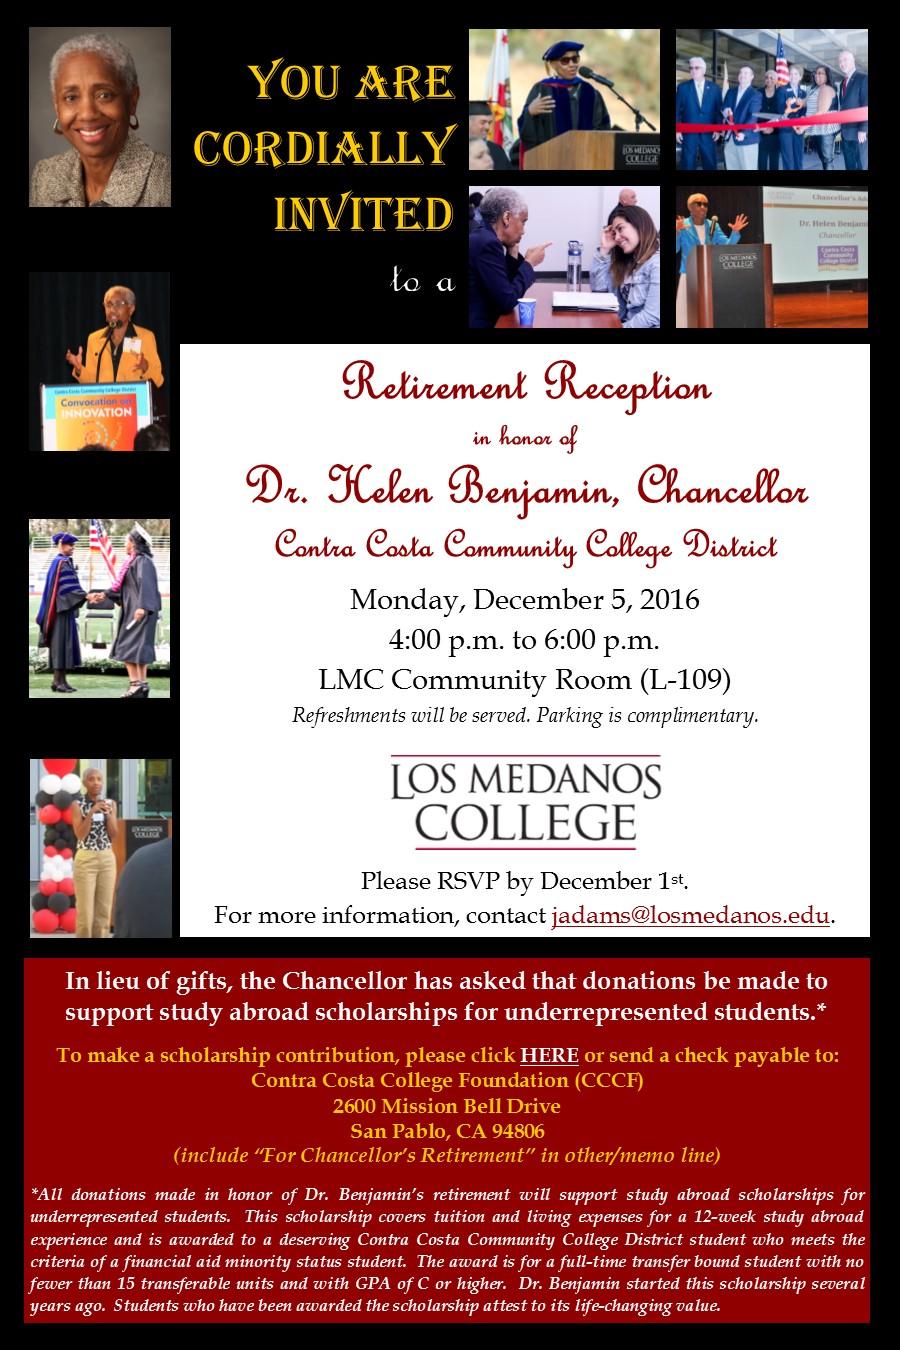 Invitation to Retirement Reception for Chancellor Benjamin